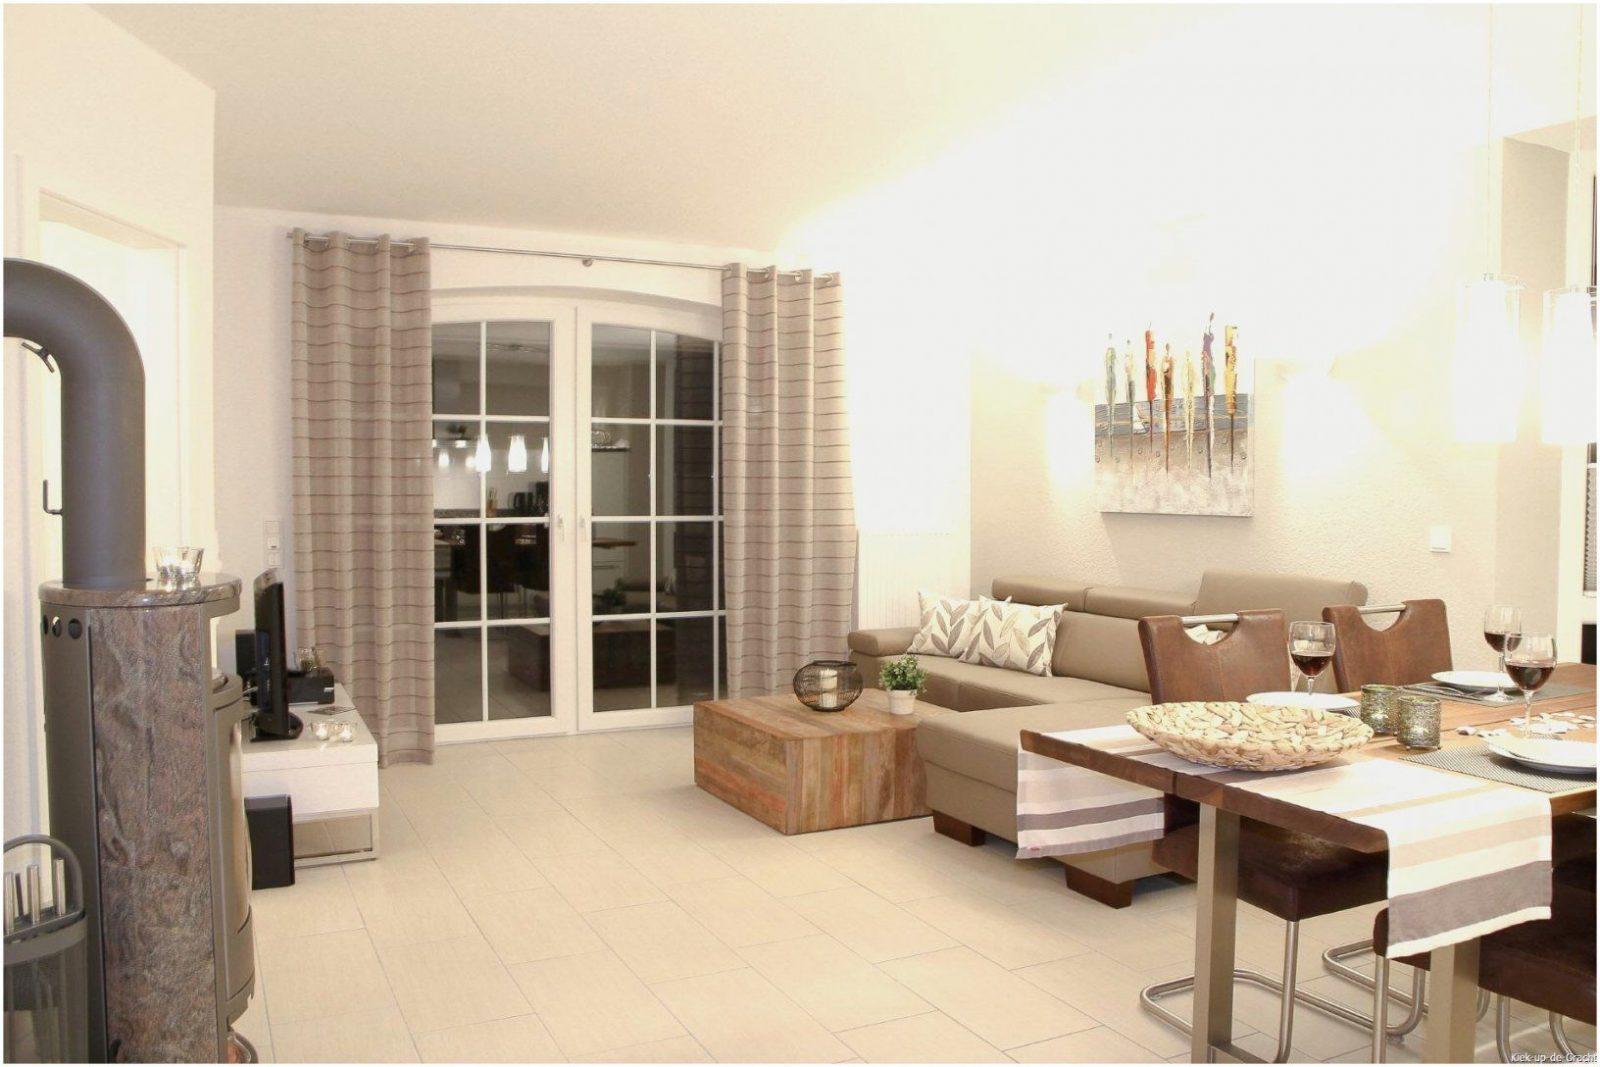 New Modernes Wohnzimmer Mit Essbereich Beste Wohnkultur Blog Von Modernes  Wohnzimmer Mit Essbereich Photo